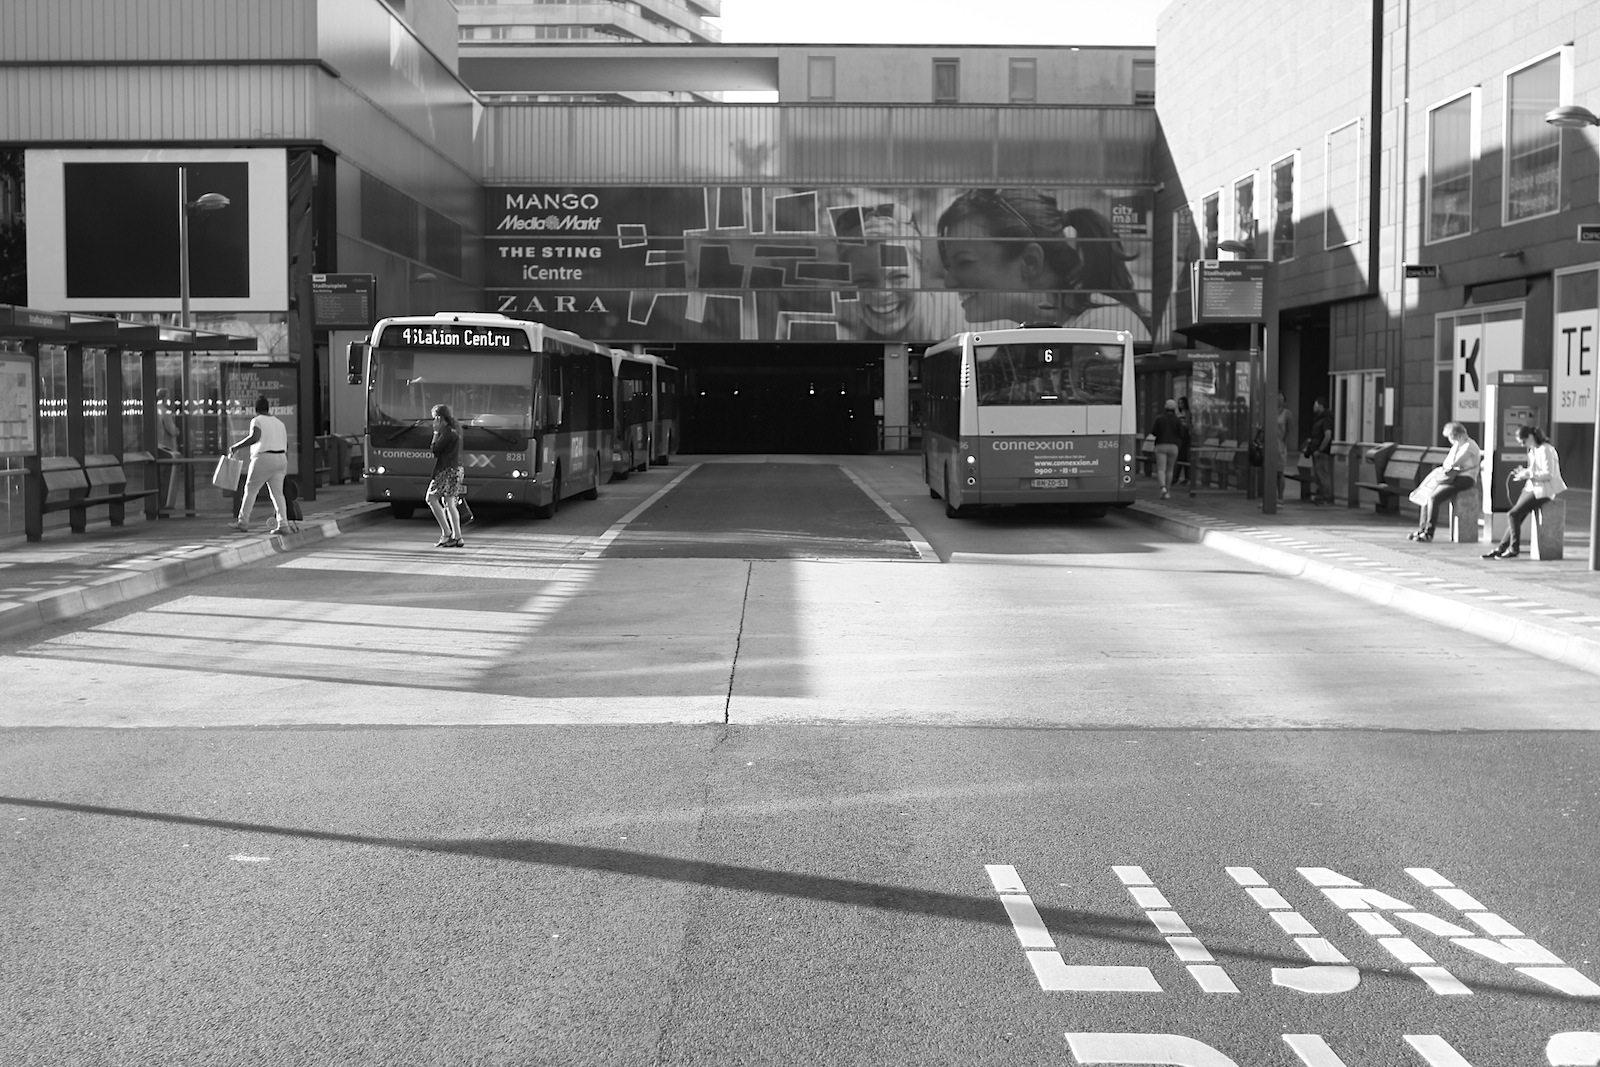 Busbahnen. Zum Konzept des Masterplan Stadshart: die Trennung der Wege. Busse, Pkws, Fahrräder und Fußgänger haben ihre eigenen, voneinander getrennten Wege. Damit folgte OMA den Ursprungsideen für Almere der 1970er und trieb es mit dem künstlichen Hügel auf die Spitze. Wortwörtlich.